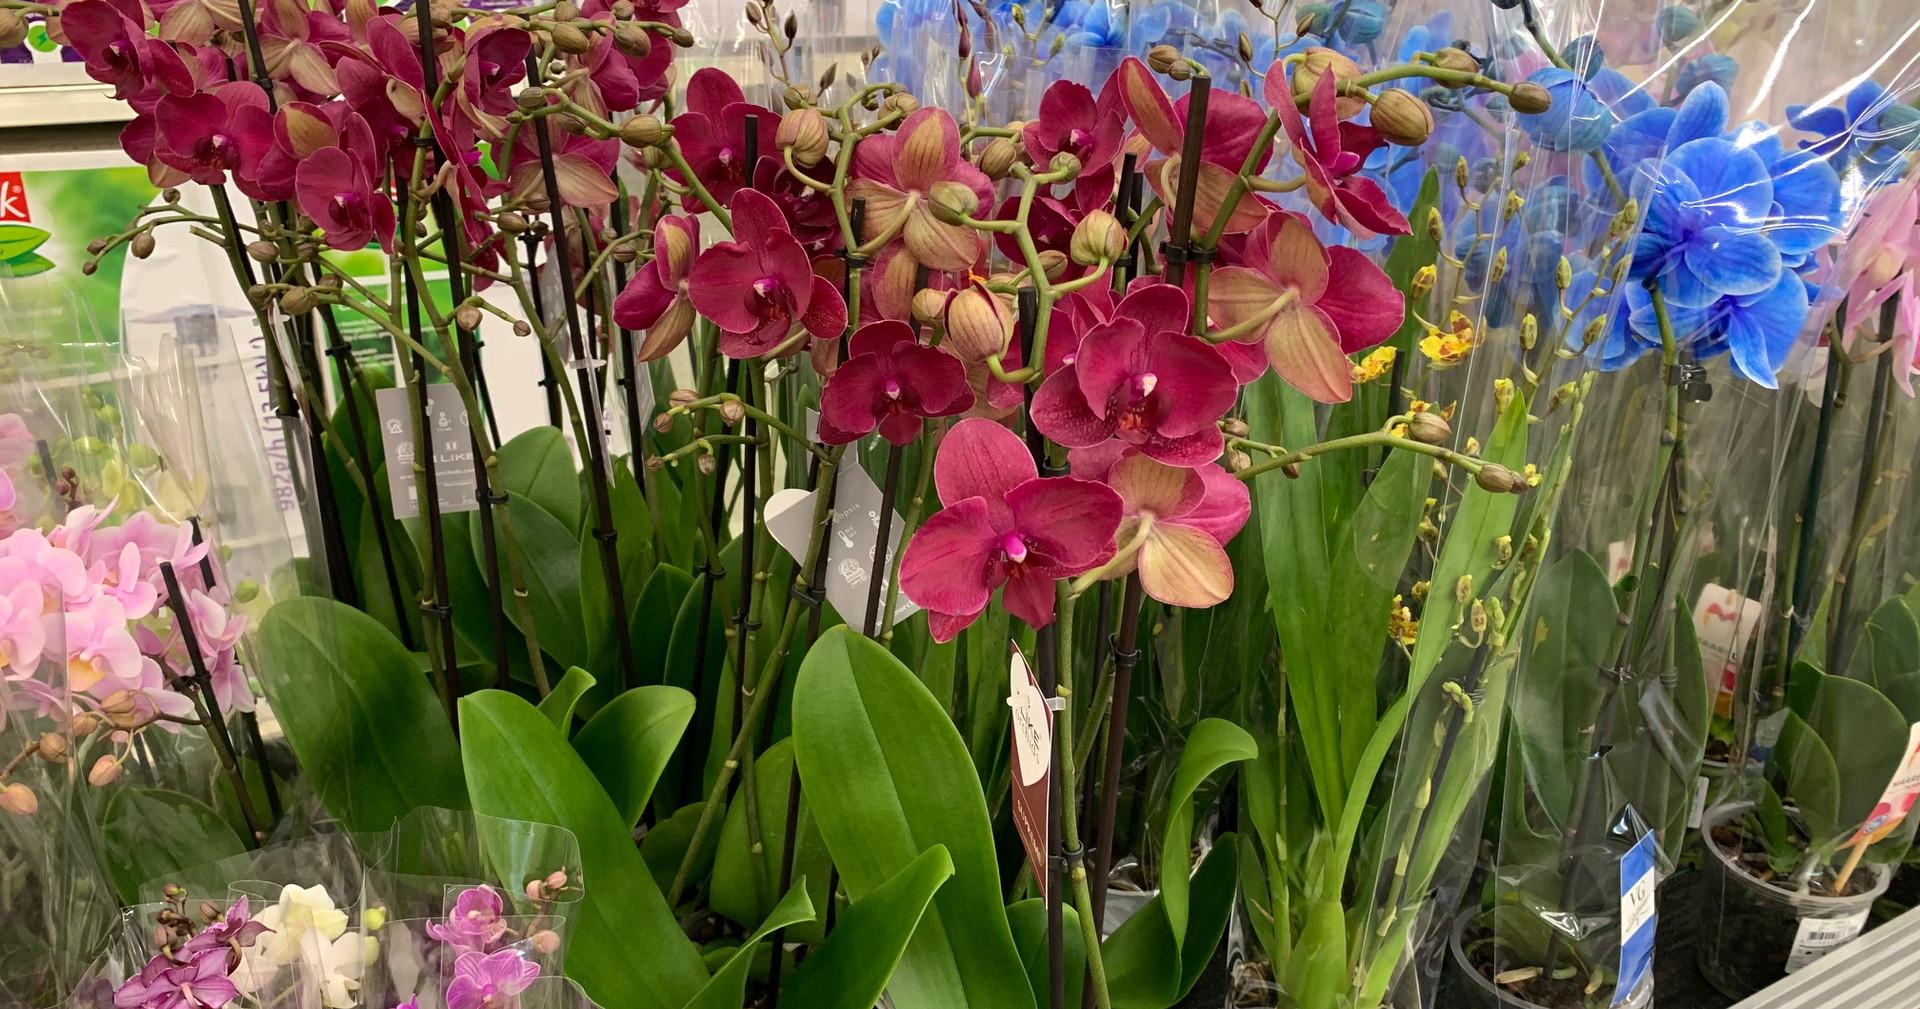 Bel arrivage d'orchidées ... de toutes les couleurs